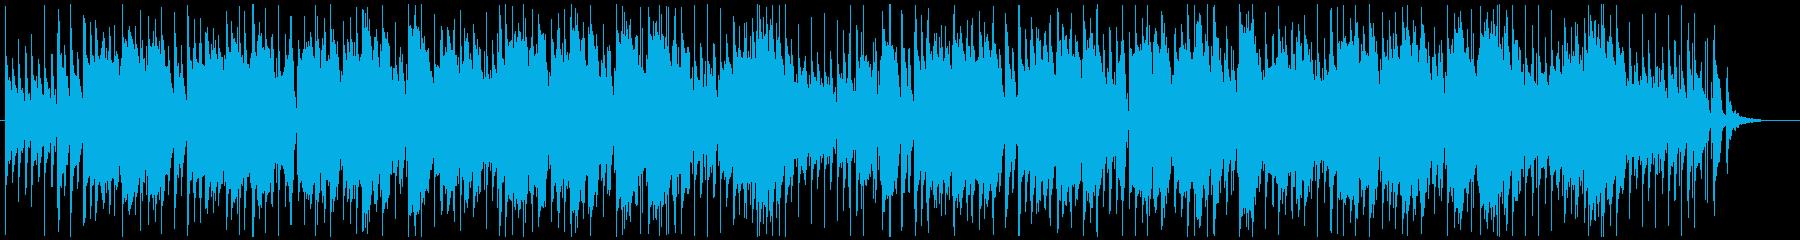 笛と琴の小粋な和風曲/映像/店舗/物語の再生済みの波形